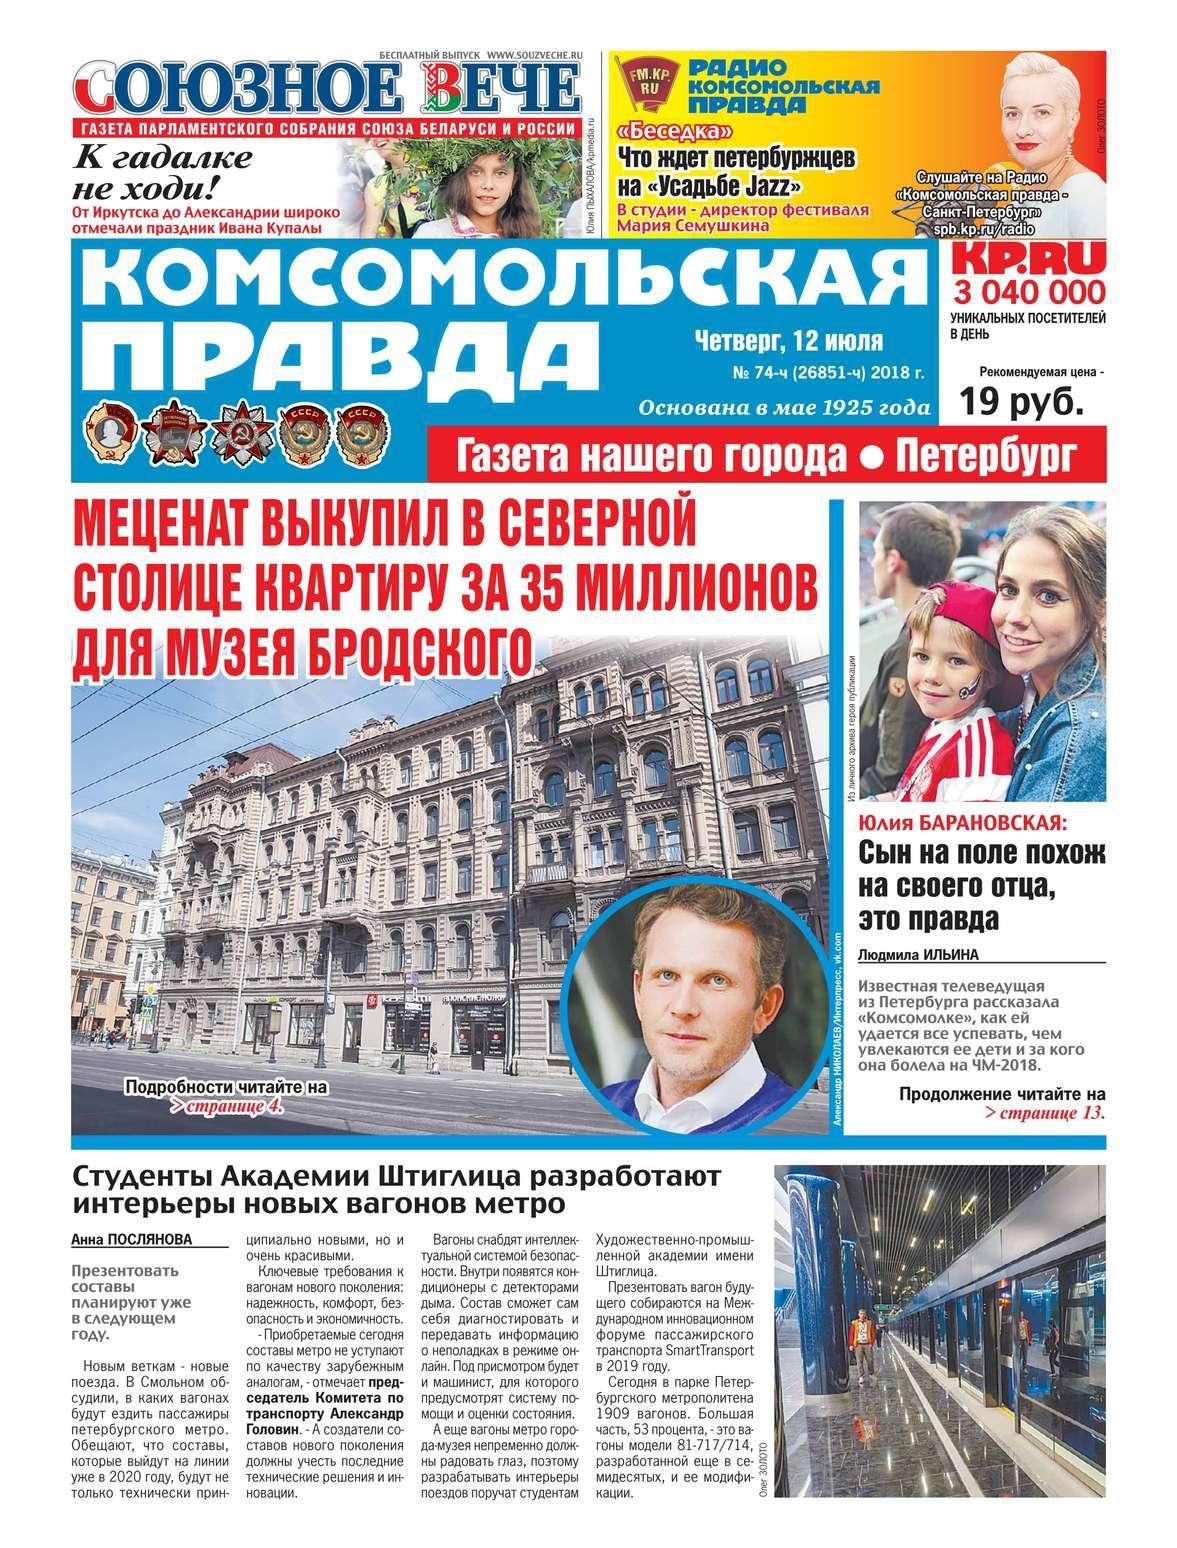 Комсомольская Правда. Санкт-Петербург 74ч-2018